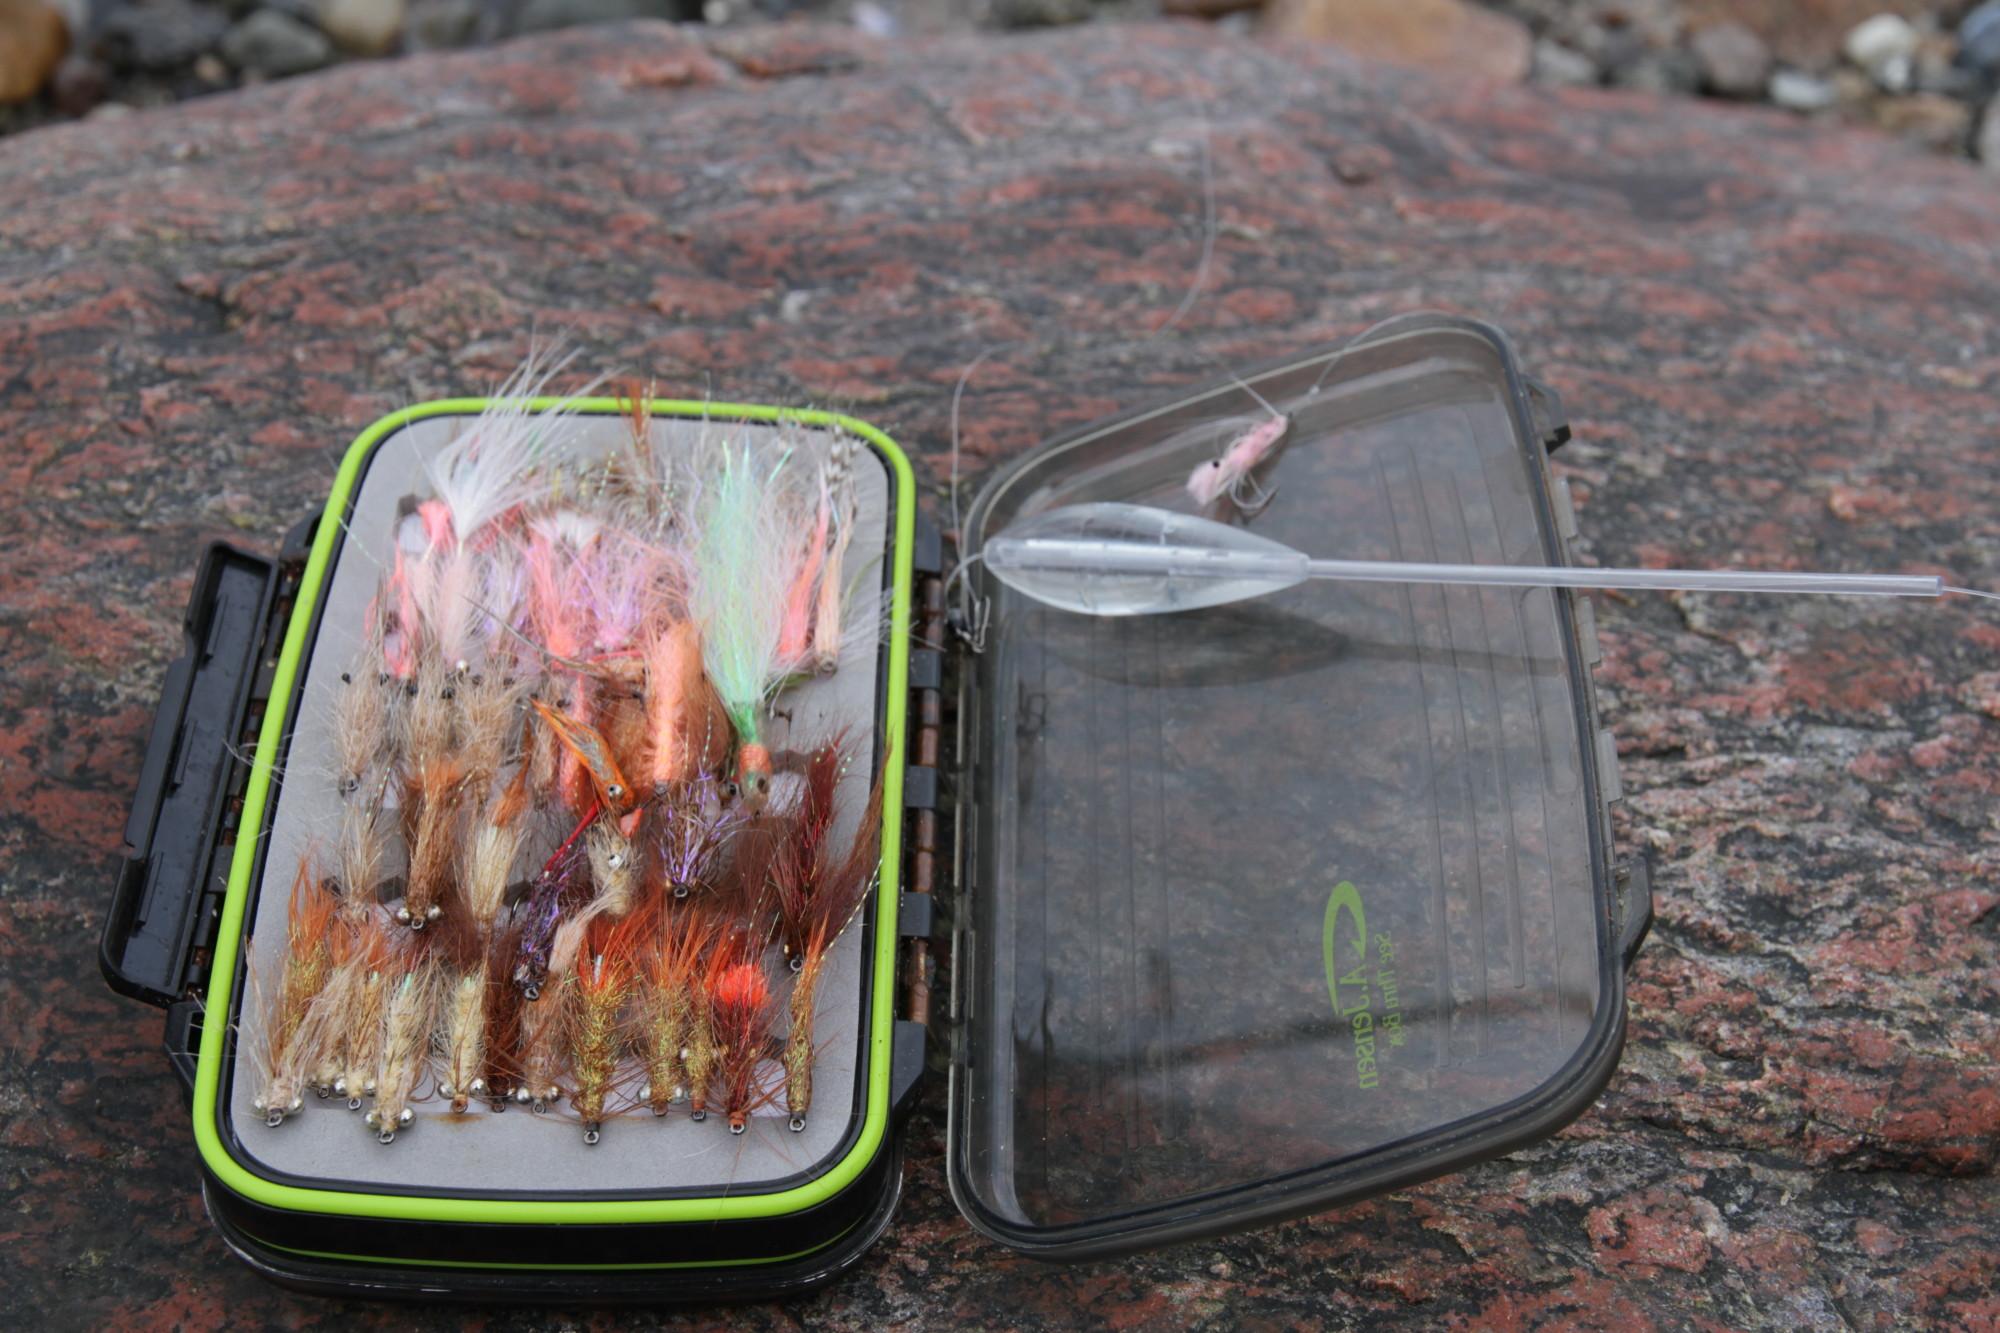 An manchen Tagen ist die Fliege dem Blinker überlegen, wohl dem, der dann eine so gut gefüllte Fliegendose beim Meerforellenangeln hat. Foto: J.Radtke